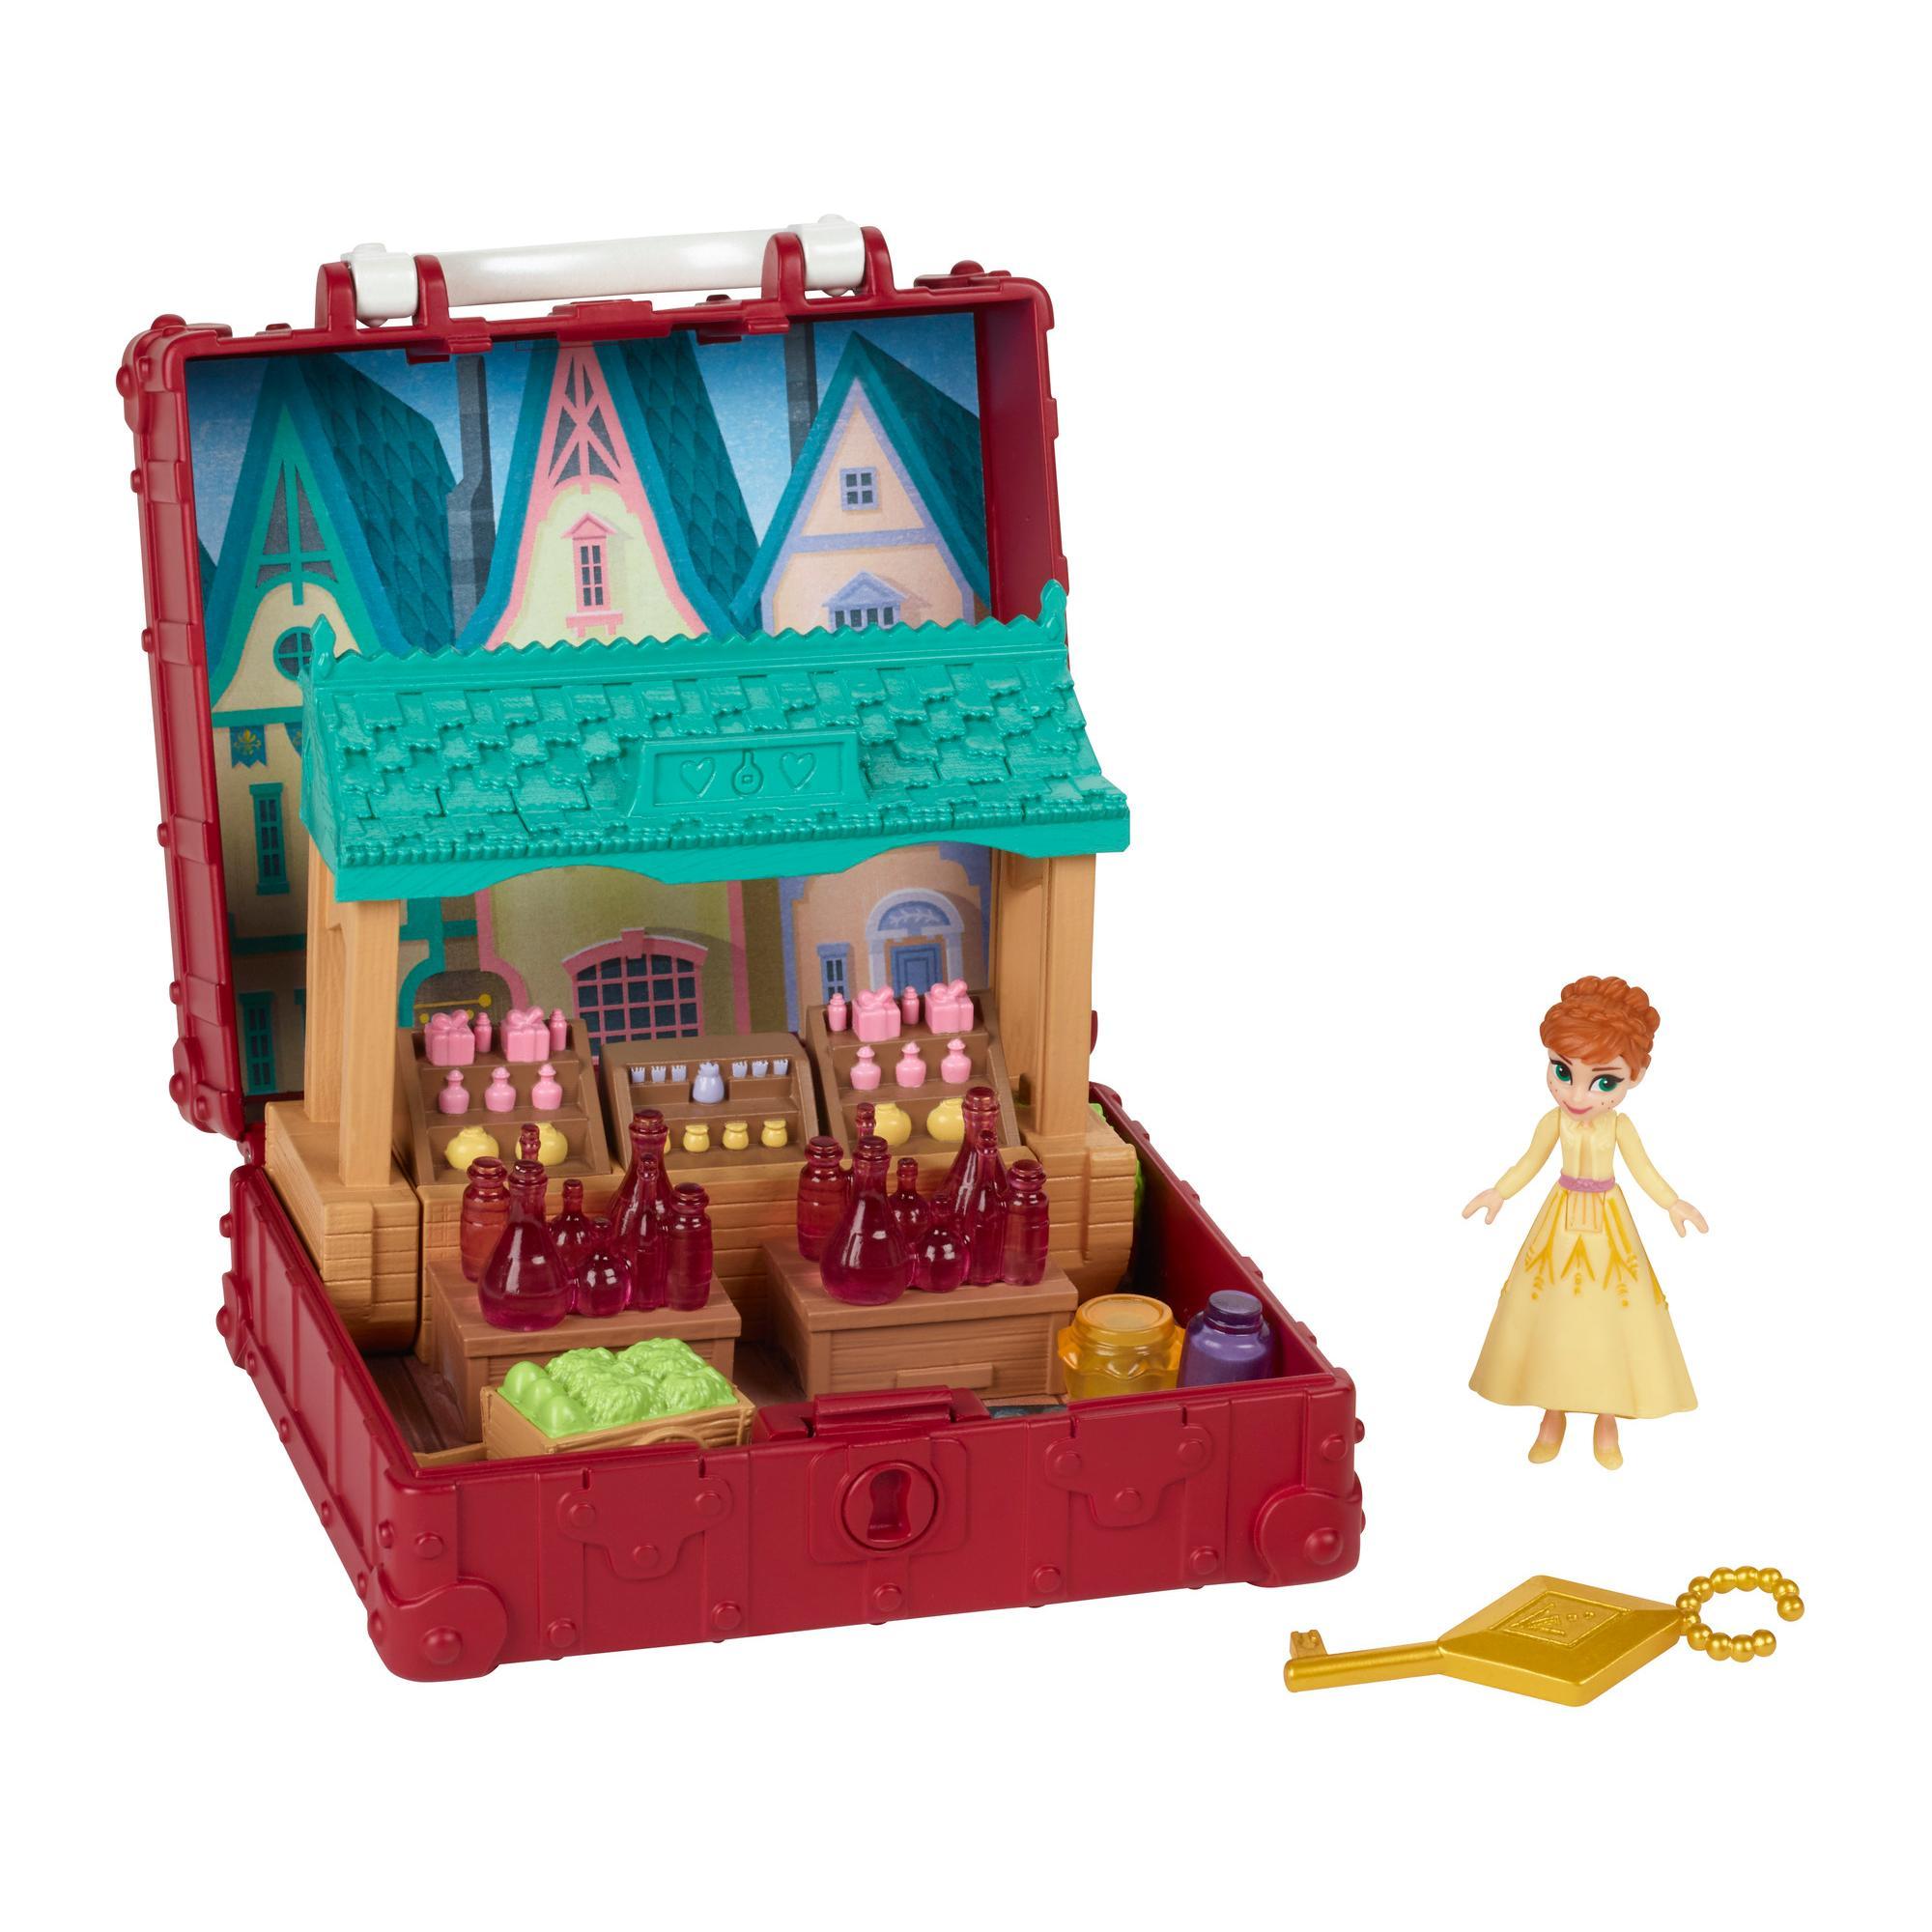 Disney Frozen Pop Adventures Village Set Pop-Up Playset With Handle